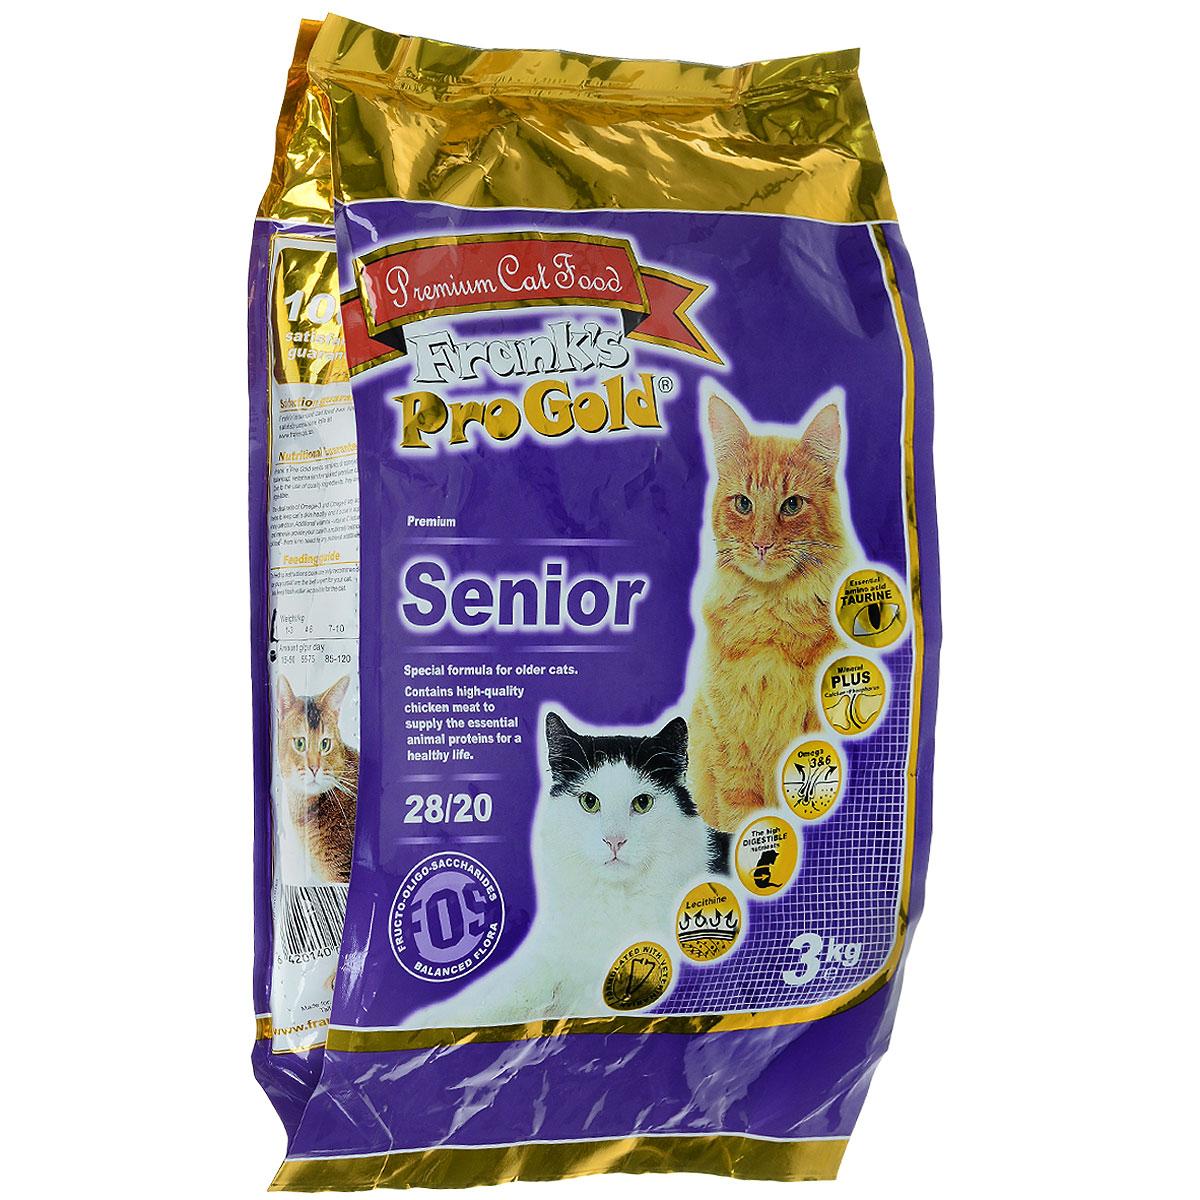 Корм сухой Franks ProGold для пожилых кошек, 3 кг23296Корм сухой Franks ProGold предназначен для пожилых кошек. Корм повышает иммунитет, помогает сохранить функцию почек, суставов, сердца и других жизненно важных органов. Не содержит пшеницы, соевых добавок, ГМО. Состав: дегидрированное мясо курицы, рис, маис, куриный жир, дегидрированная рыба, ячмень, гидролизованная куриная печень, пищевая целлюлоза (5%), свекла, минералы и витамины, дрожжи, яичный порошок, рыбий жир, инулин (0,5% FOS), лецитин (0,5%), экстракт юкки шидигера, гидролизованные хрящи (источник хондроитина), гидролизованные рачки (источник глюкозамина). Пищевая ценность: елки 28,0%, жиры 20,0%, клетчатка 5,0%, зола 6,0%, влажность 8,0%, фосфор 0,9%, кальций 1,0%. Пищевые добавки: витамин-A (E672) 20000 IU/кг, витамин-D3 (E671) 1800 IU/кг, витамин-E (dl-альфа токоферола ацетат) 400 мг/кг, витамин-C (фосфат аскорбиновой кислоты) 250 мг/кг, таурин 1100 мг/кг, E1 75 мг/кг, E2 1,5 мг/кг, E3 0,5 мг/кг, E4 5 мг/кг, E5 30 мг/кг, E6 65 мг/кг. Товар...